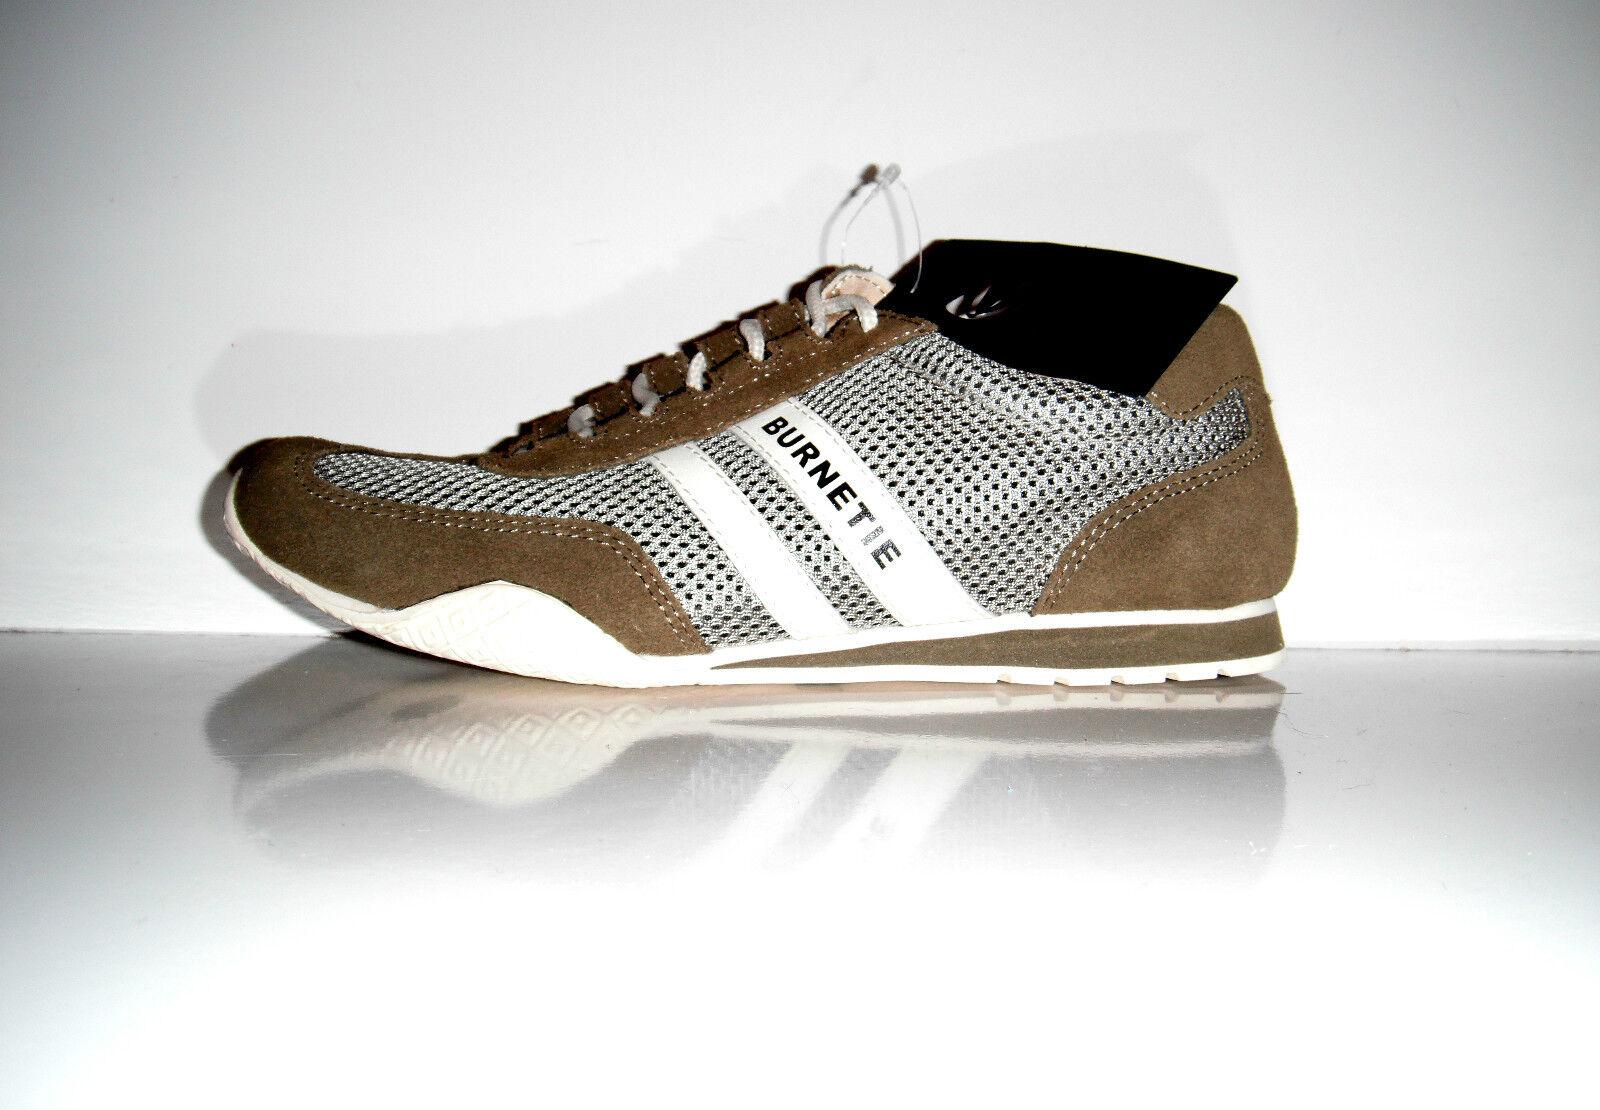 75 New Burnetie Women Butternut City Sport Keds Sneakers shoes sz 6